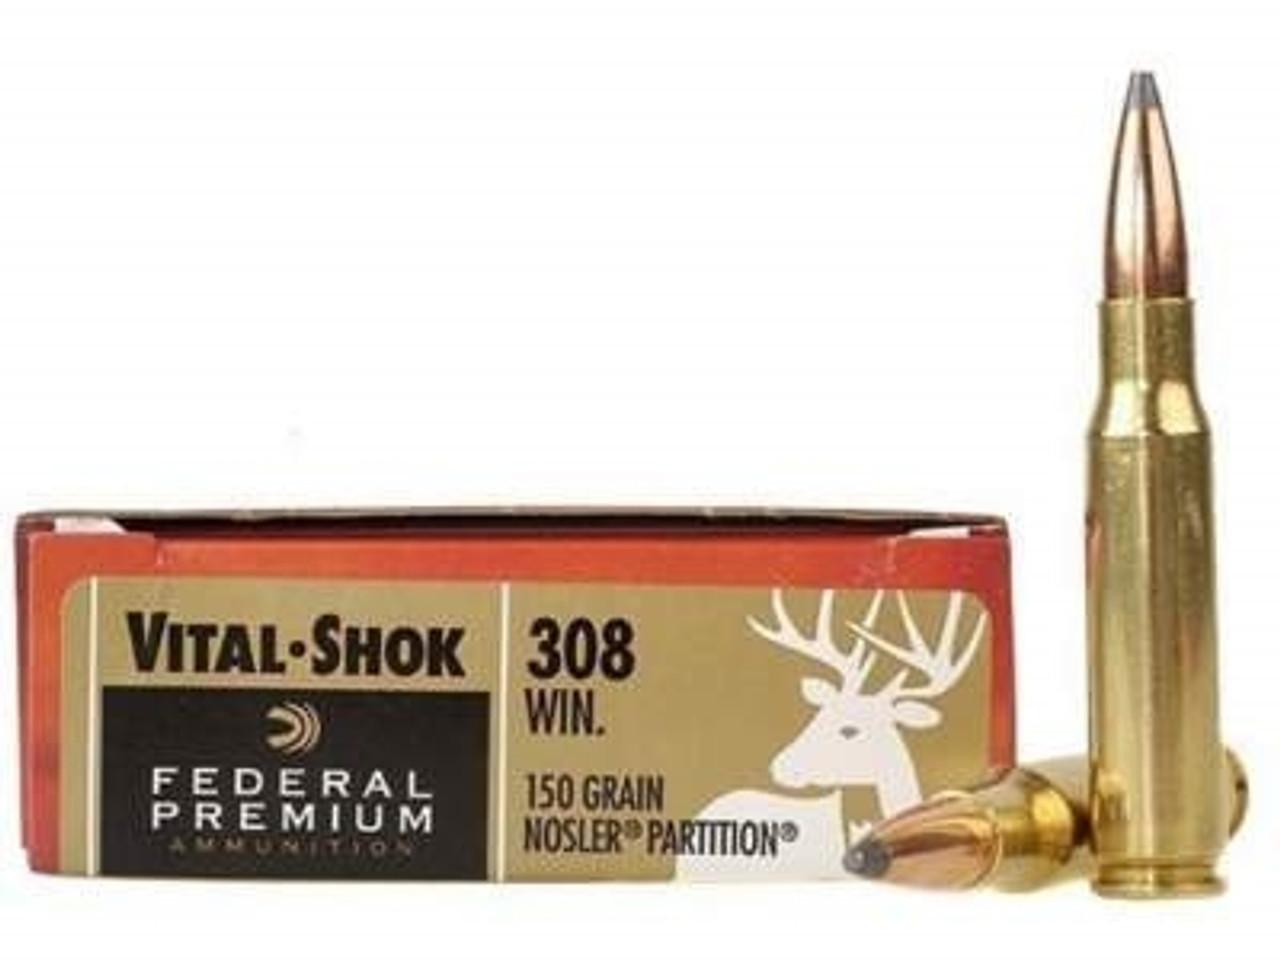 Federal 308 Win Ammunition Vital-Shok P308S 150 Grain Nosler Partition 20  rounds